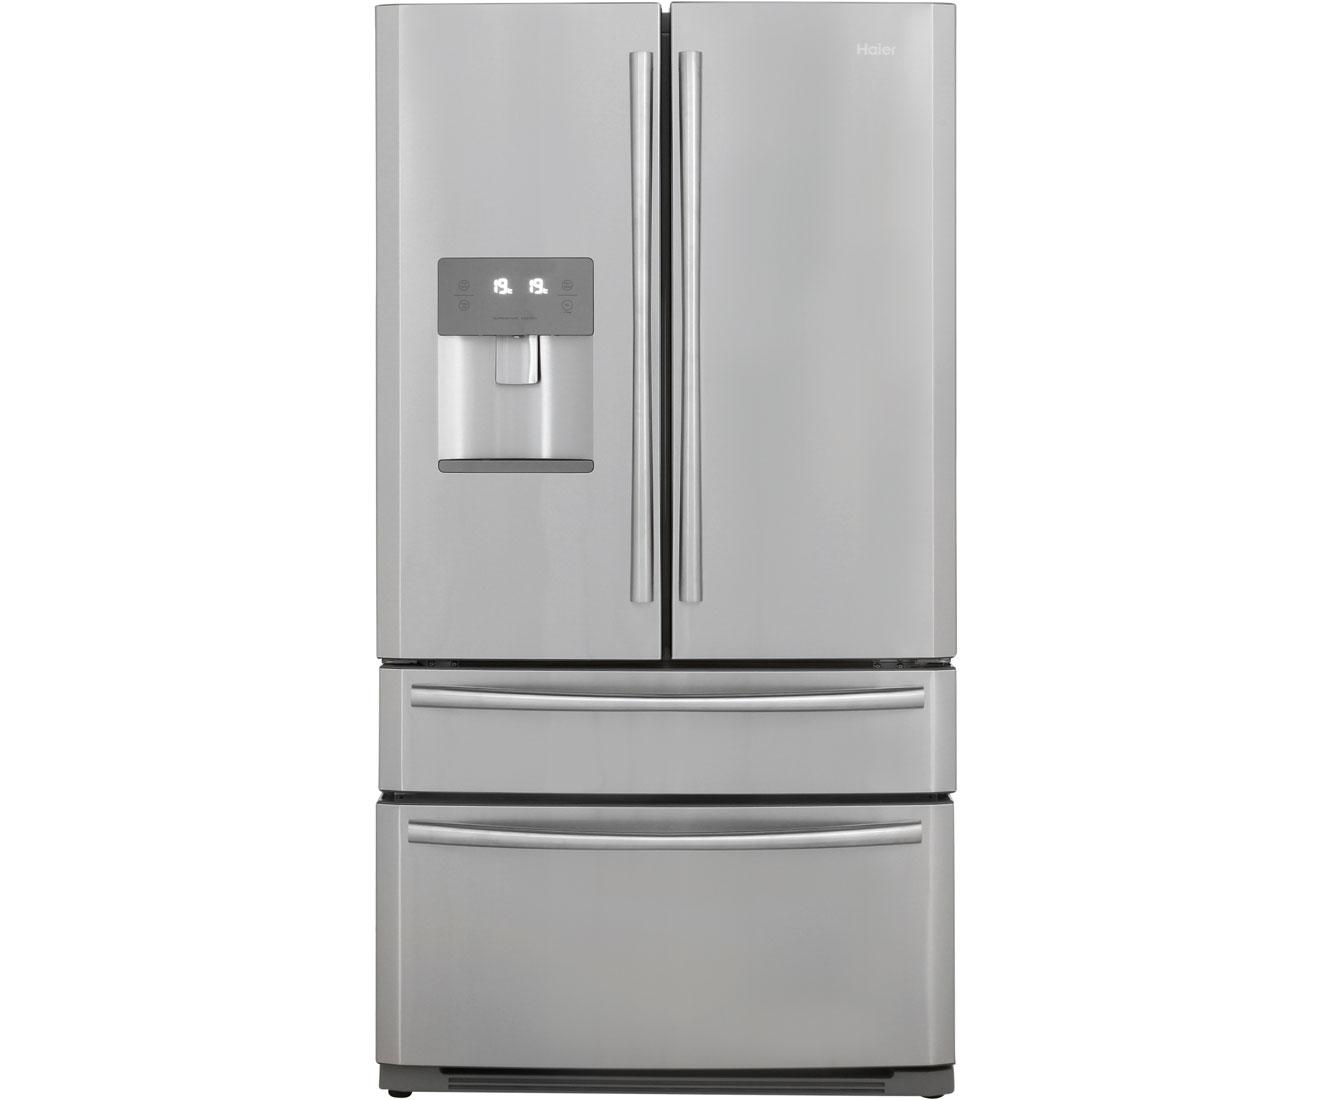 Bomann Kühlschrank Preisvergleich : Preisvergleich kühlschrank kühlschrank mit gefrierfach